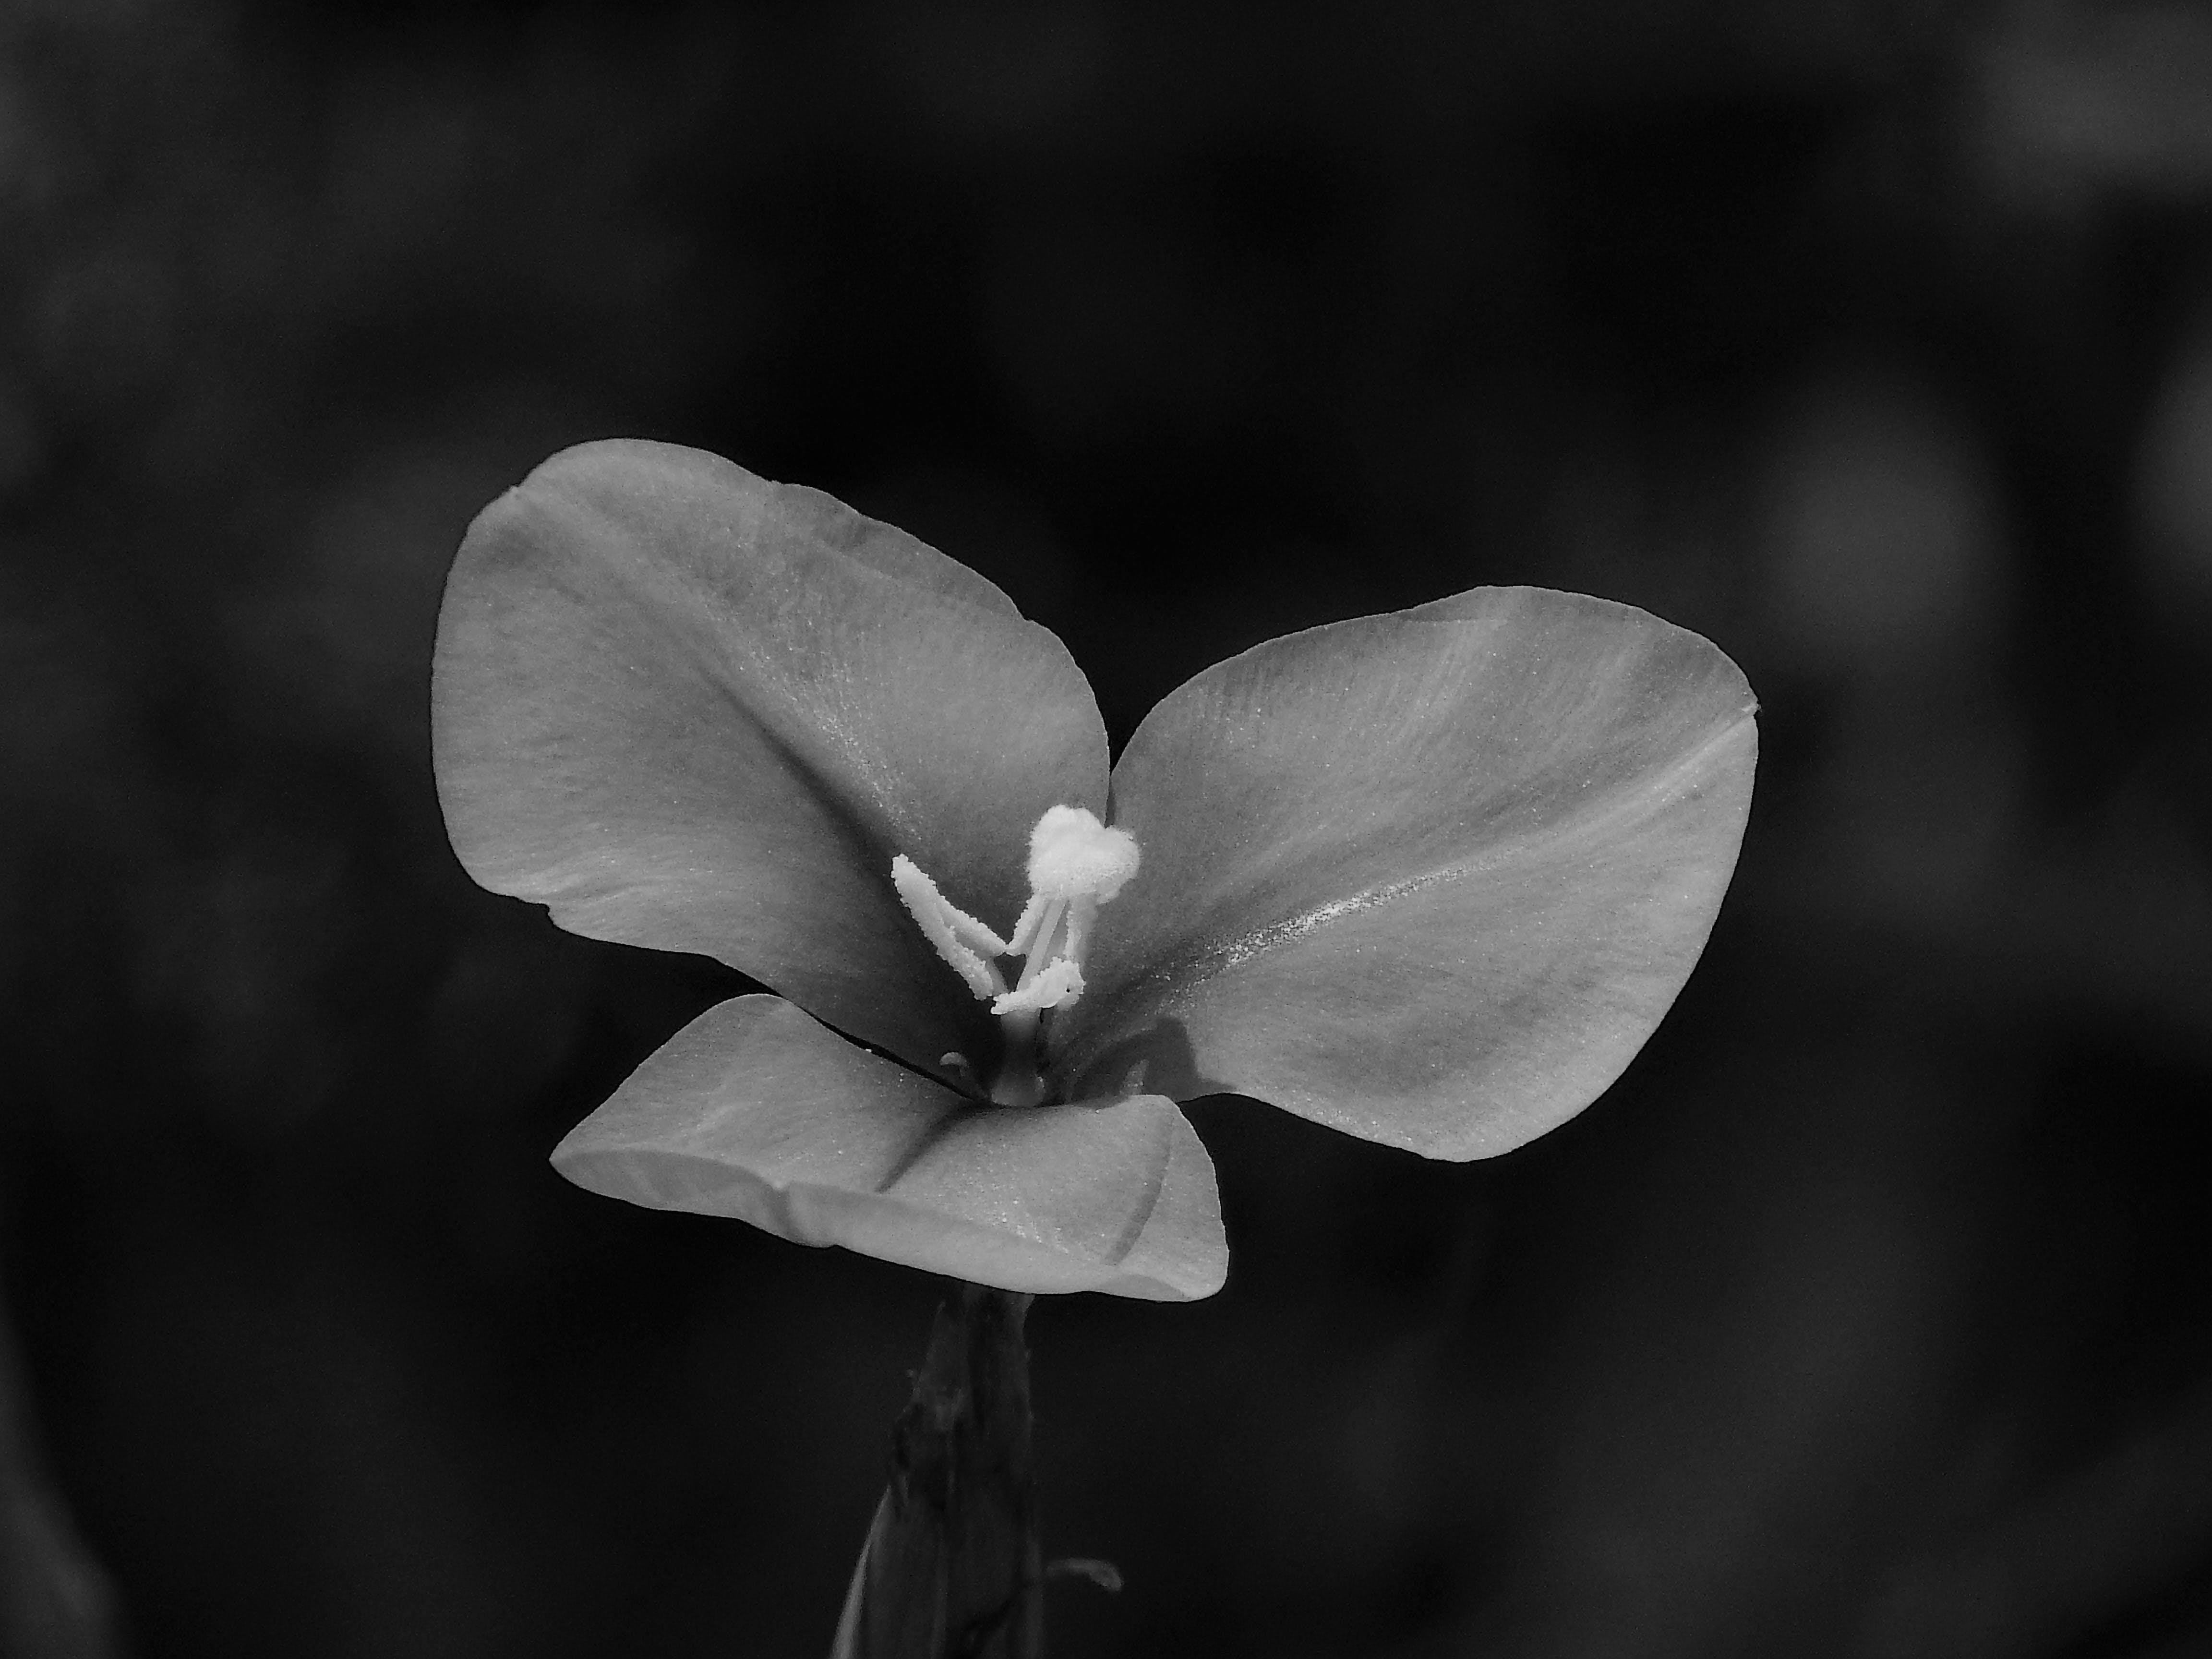 增長, 微妙, 植物群, 特寫 的 免费素材照片